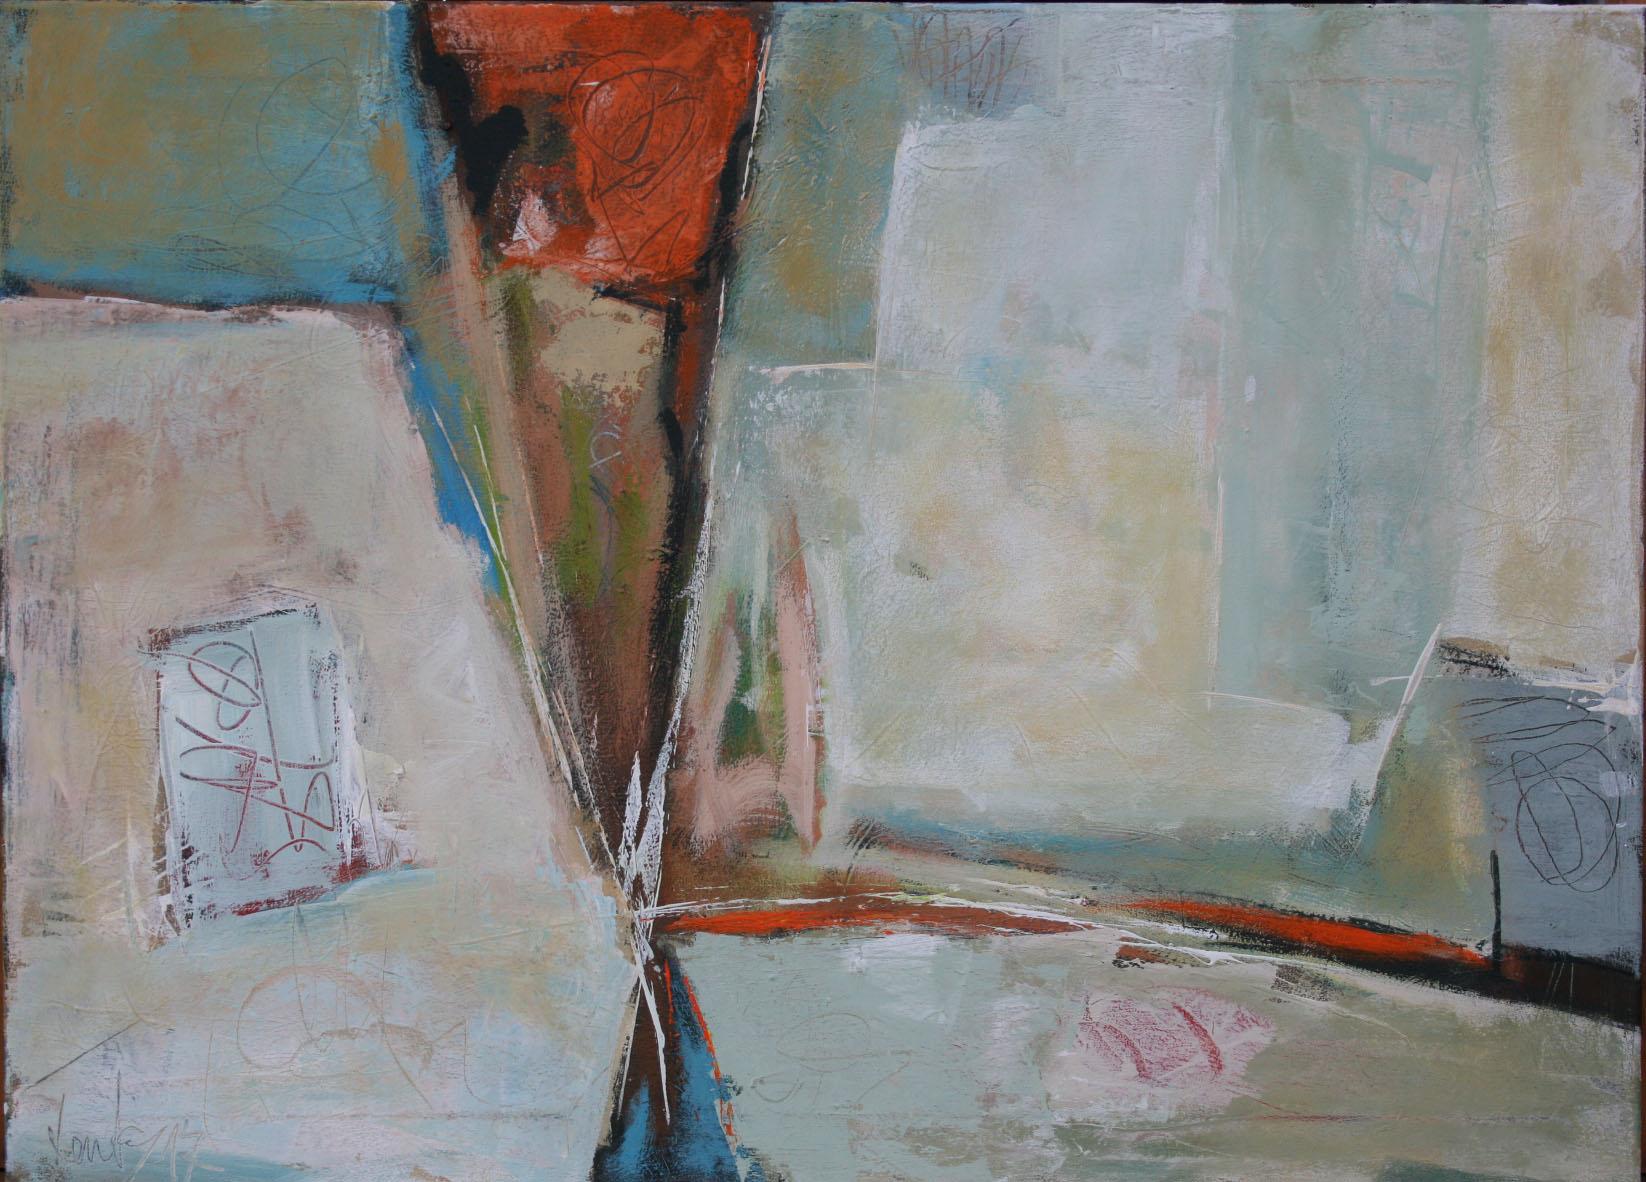 Frozen, Öl und Acryl auf Leinwand, 65 x 90 cm